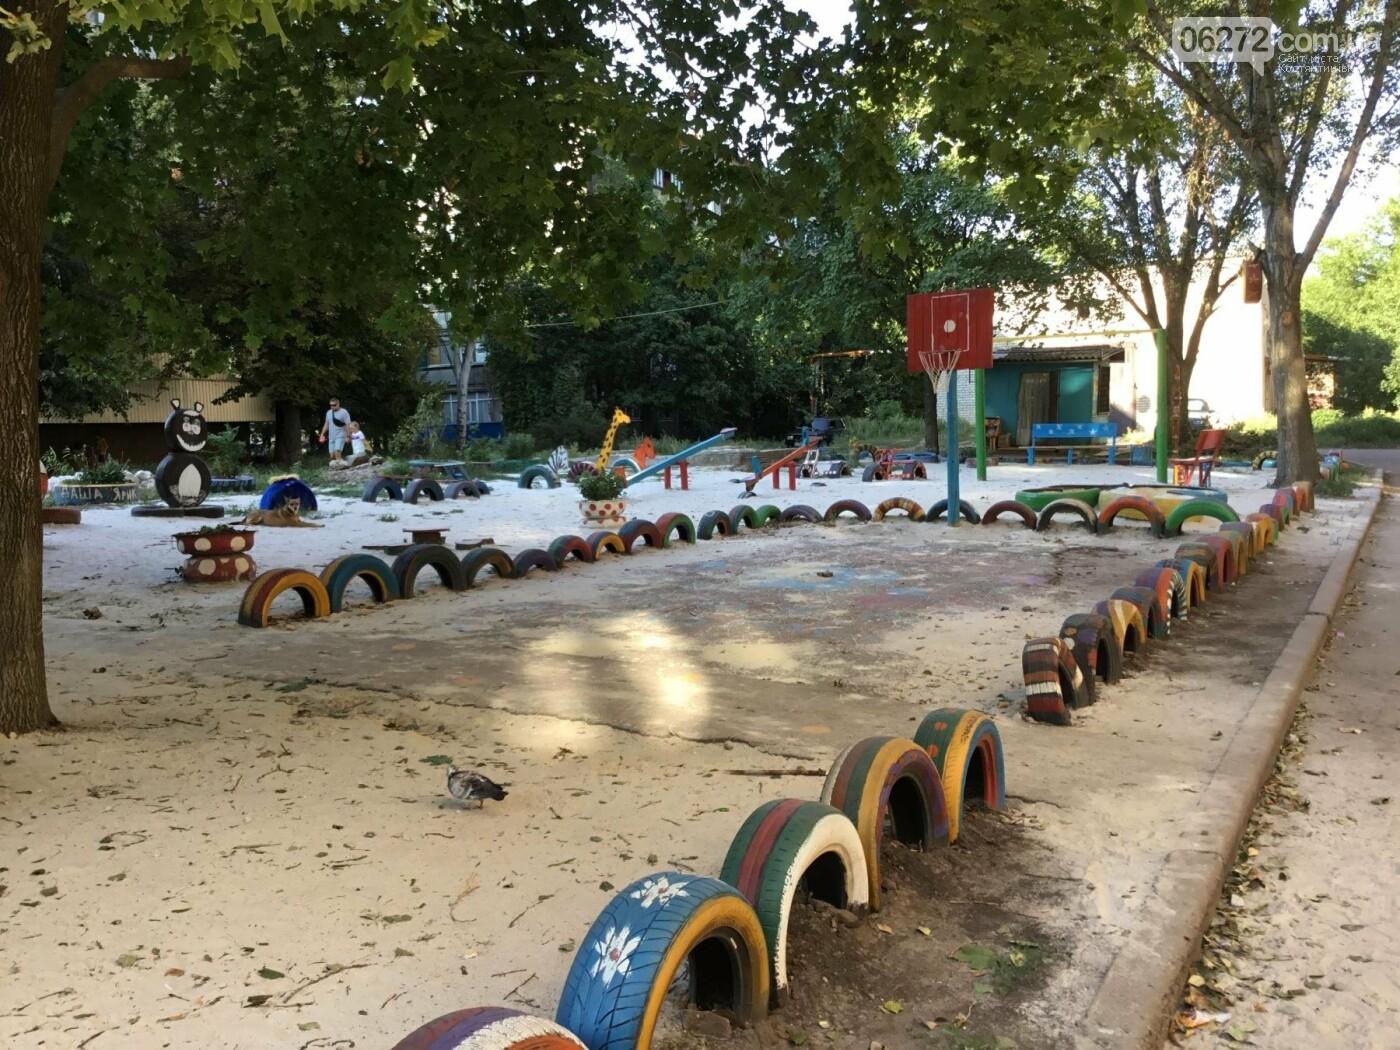 Вчора у Костянтинівці провели міський конкурс «Арт-подвір'я», фото-4